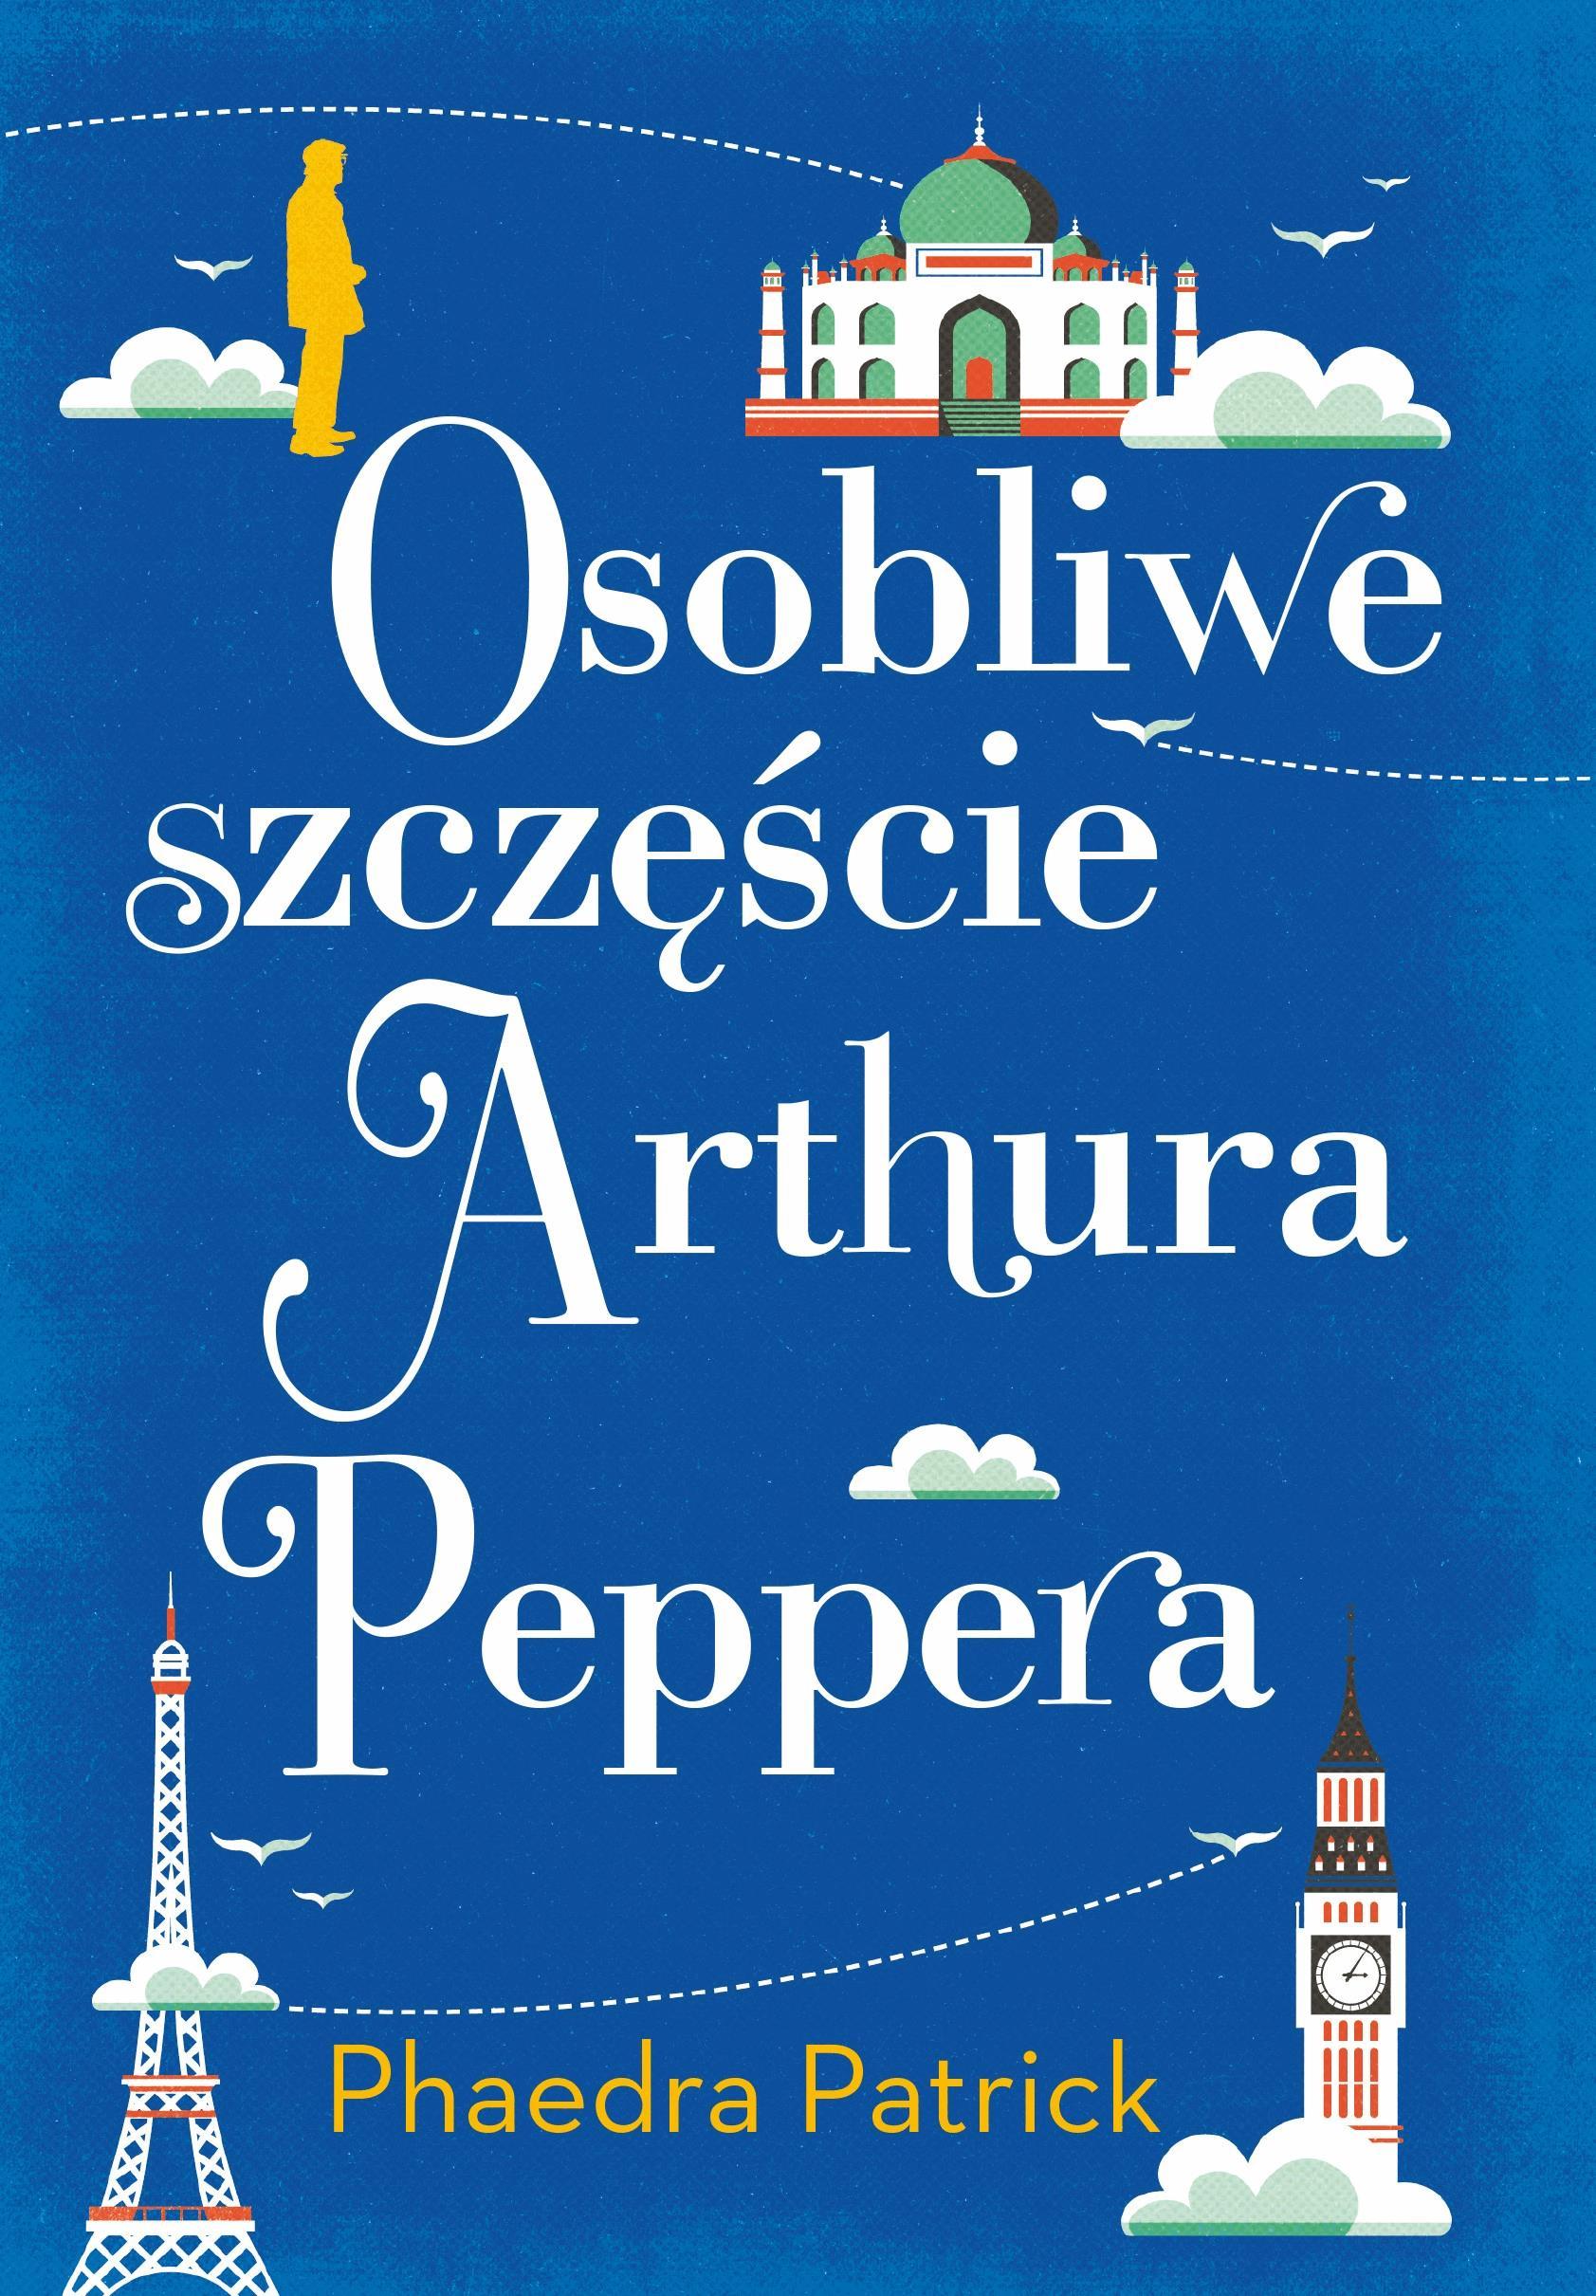 Osobliwe szczęście Arthura Peppera - Tylko w Legimi możesz przeczytać ten tytuł przez 7 dni za darmo. - Phaedra Patrick